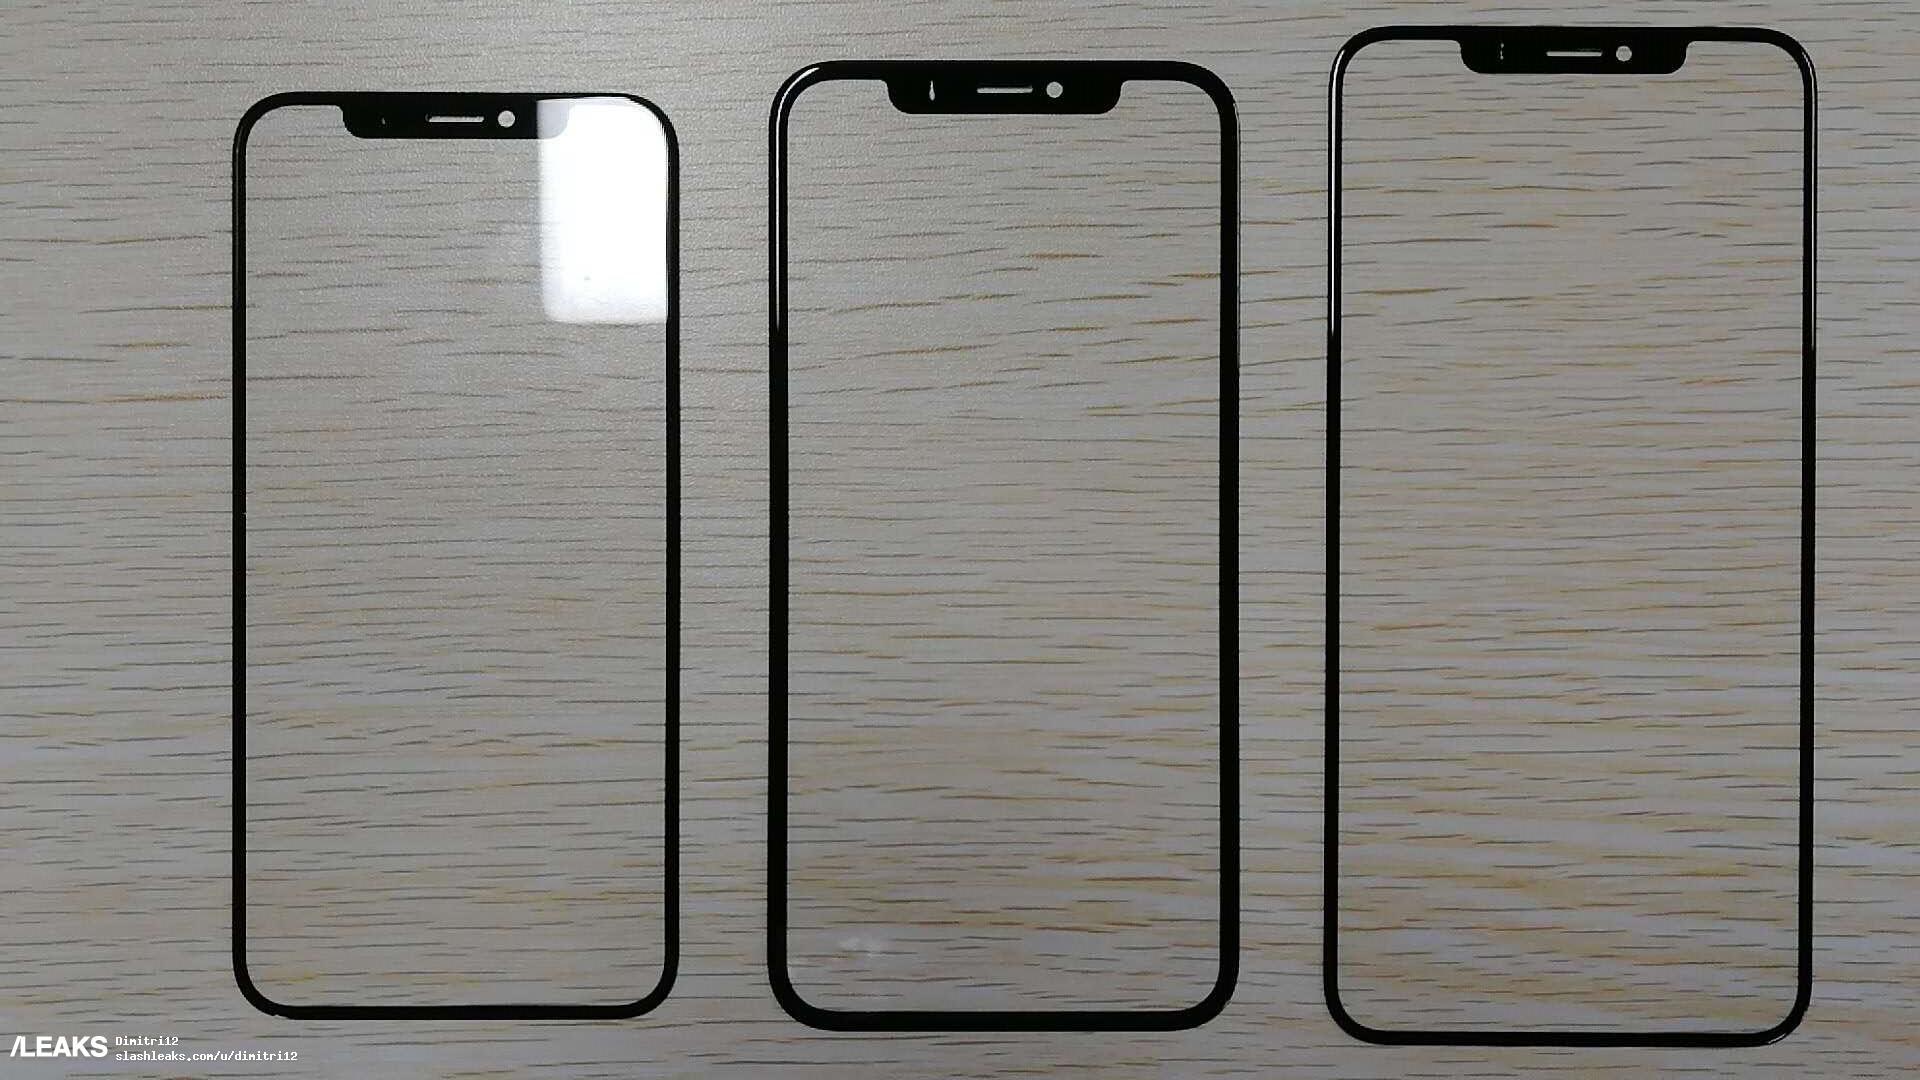 iPhone 2018 : un avant-goût du design des 3 versions grâce à un aperçu des faces avant